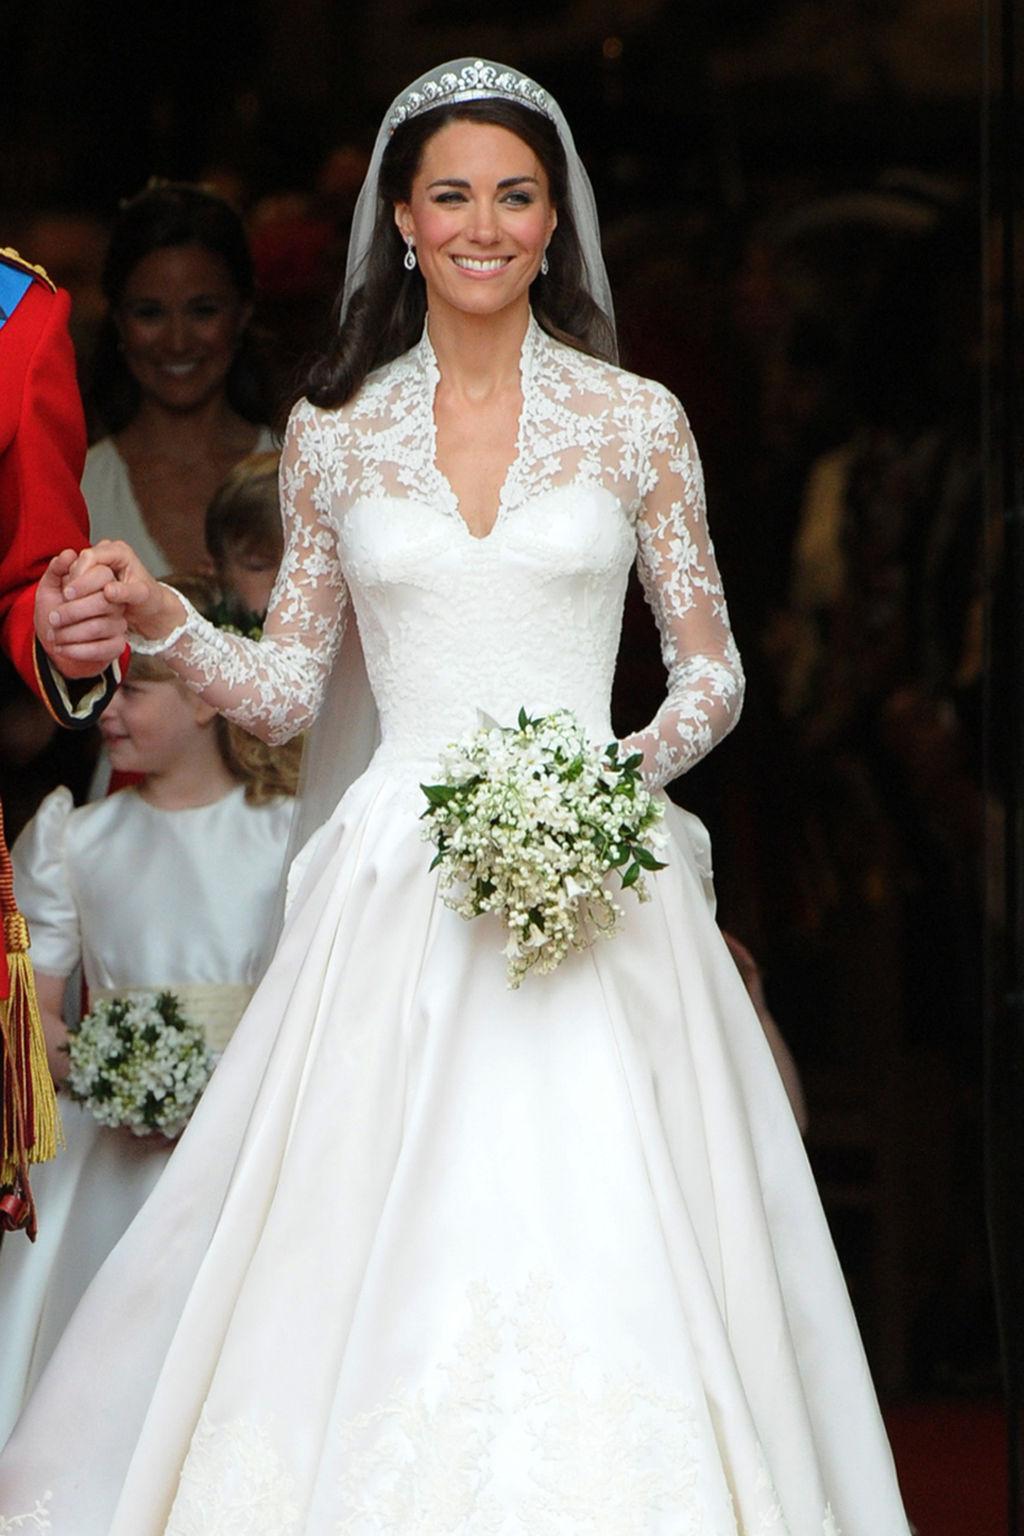 Kate Und Pippas Brautkleider Gibt Es Bei H&m! - Glamour